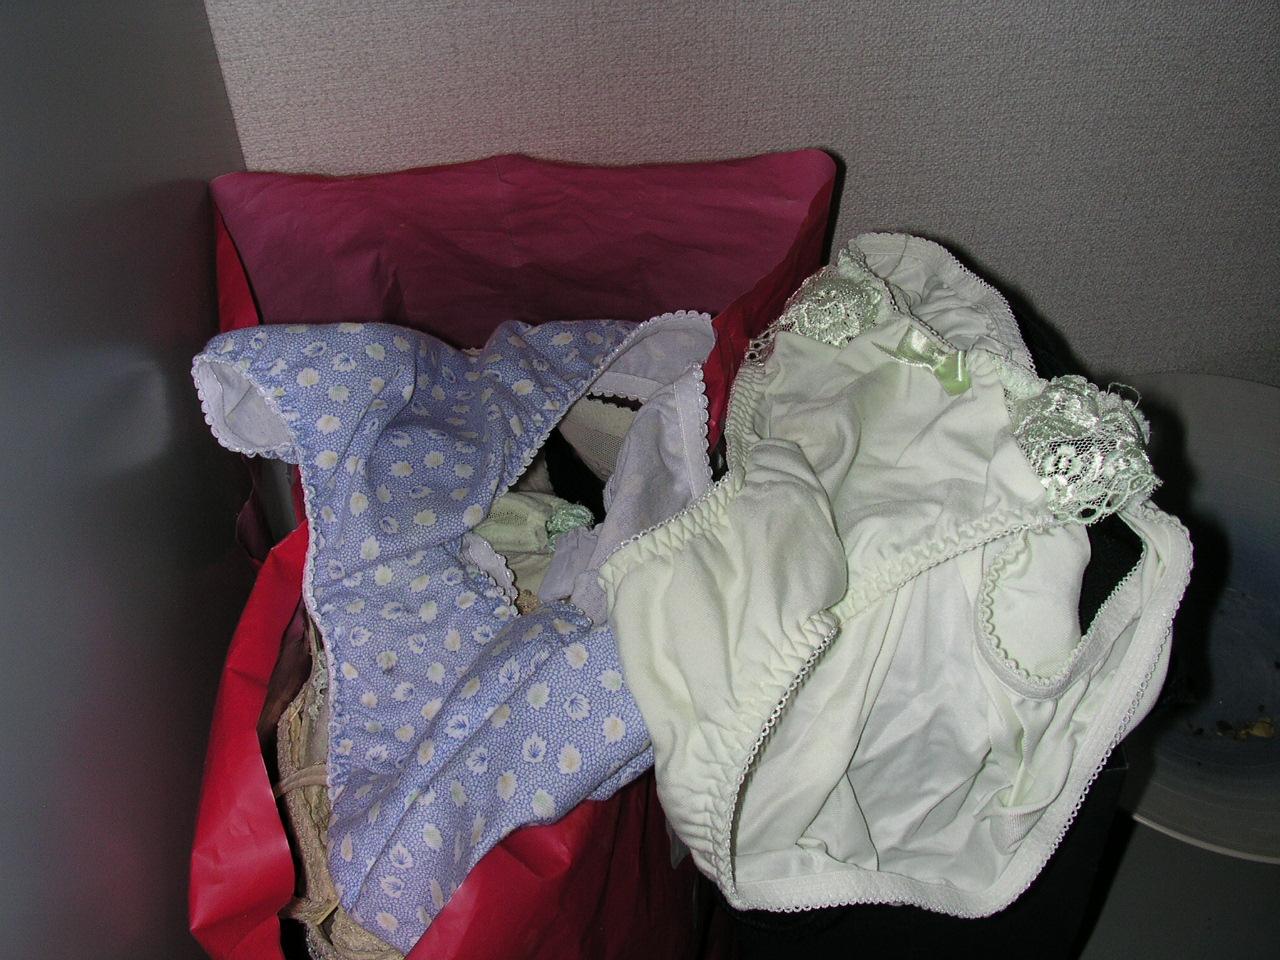 ギャル姉のサテン下着タンスの中の下着盗撮エロ画像15枚目